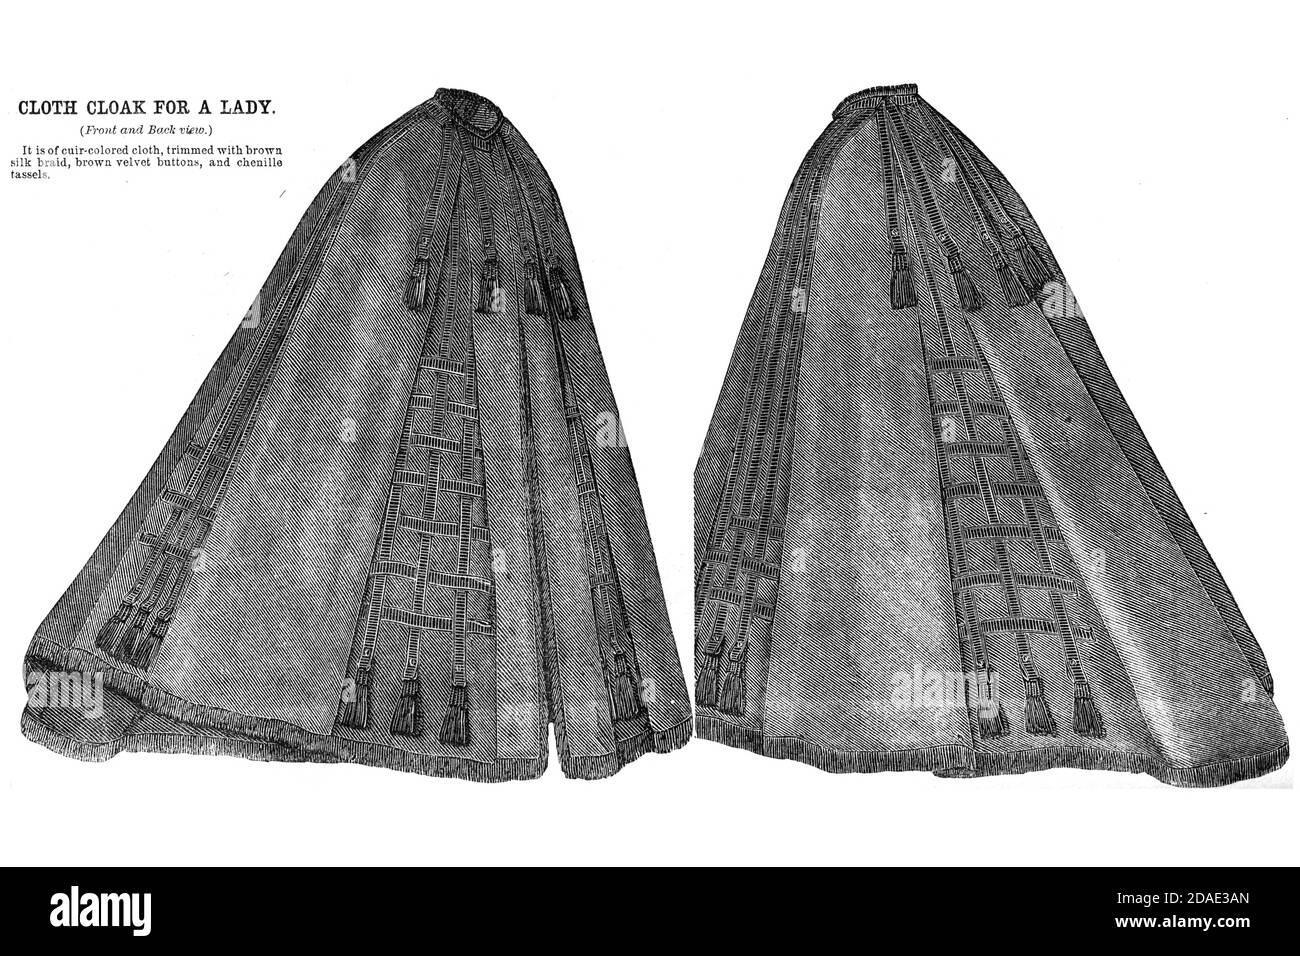 Cloak for a Lady (avant et arrière) de Godey's Lady's Book and Magazine, décembre 1864, Volume LXIX, (Volume 69), Philadelphie, Louis A. Godey, Sarah Josepha Hale, Banque D'Images